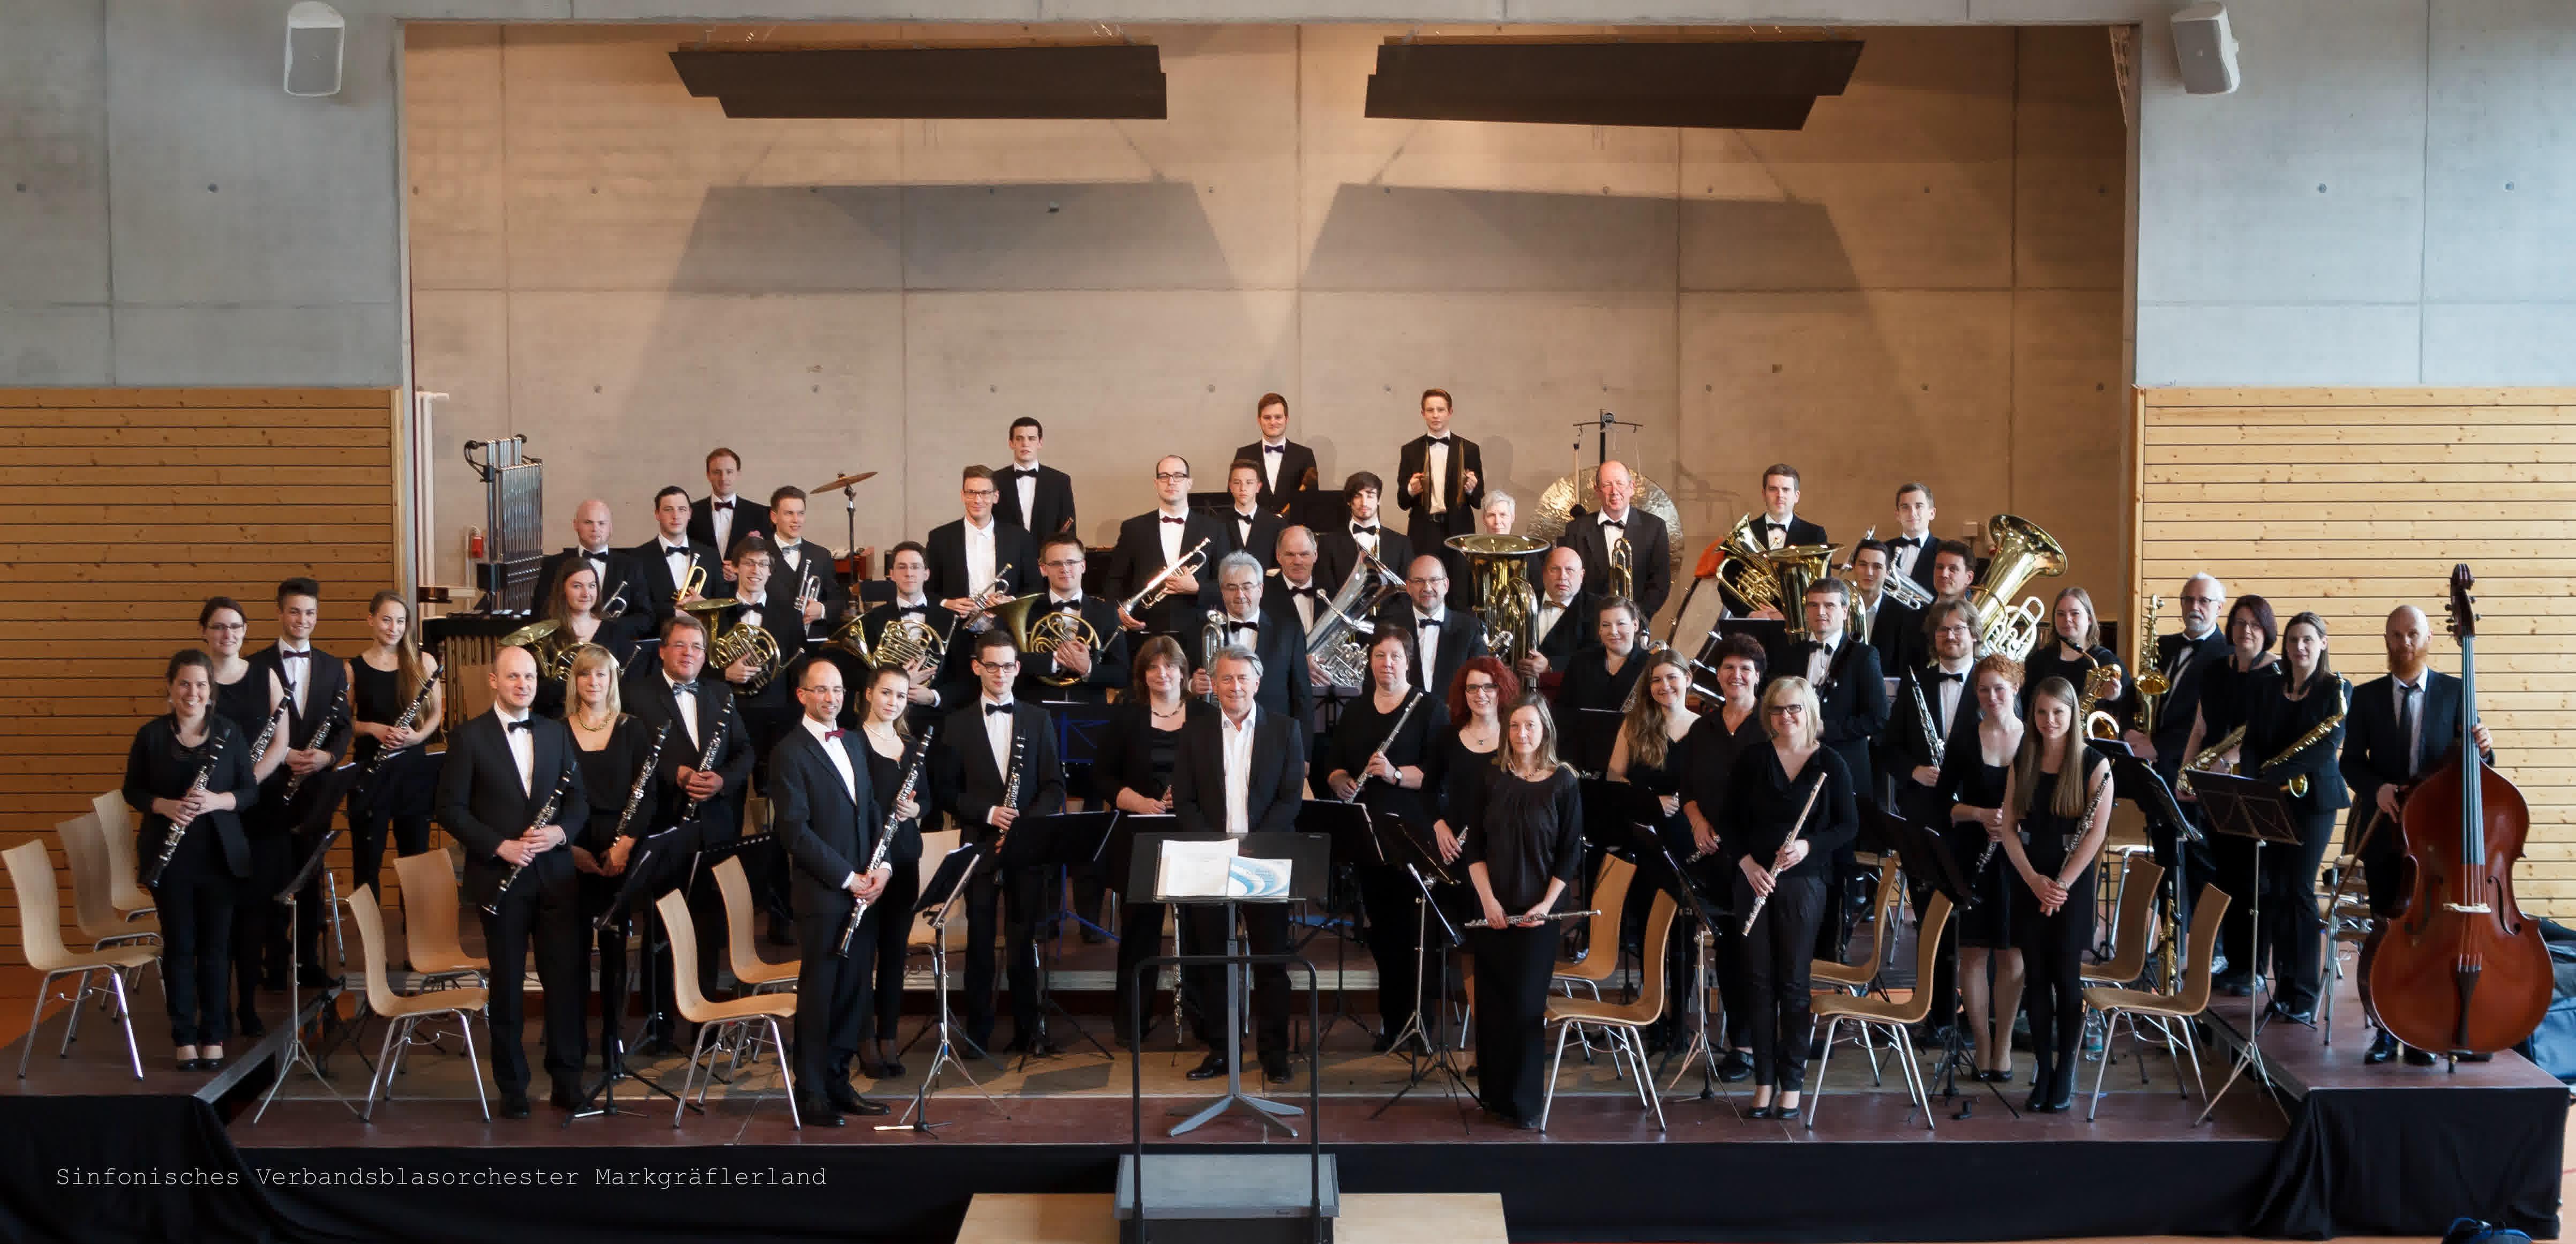 Sinfonisches Verbandsblasorchester Markgräflerland